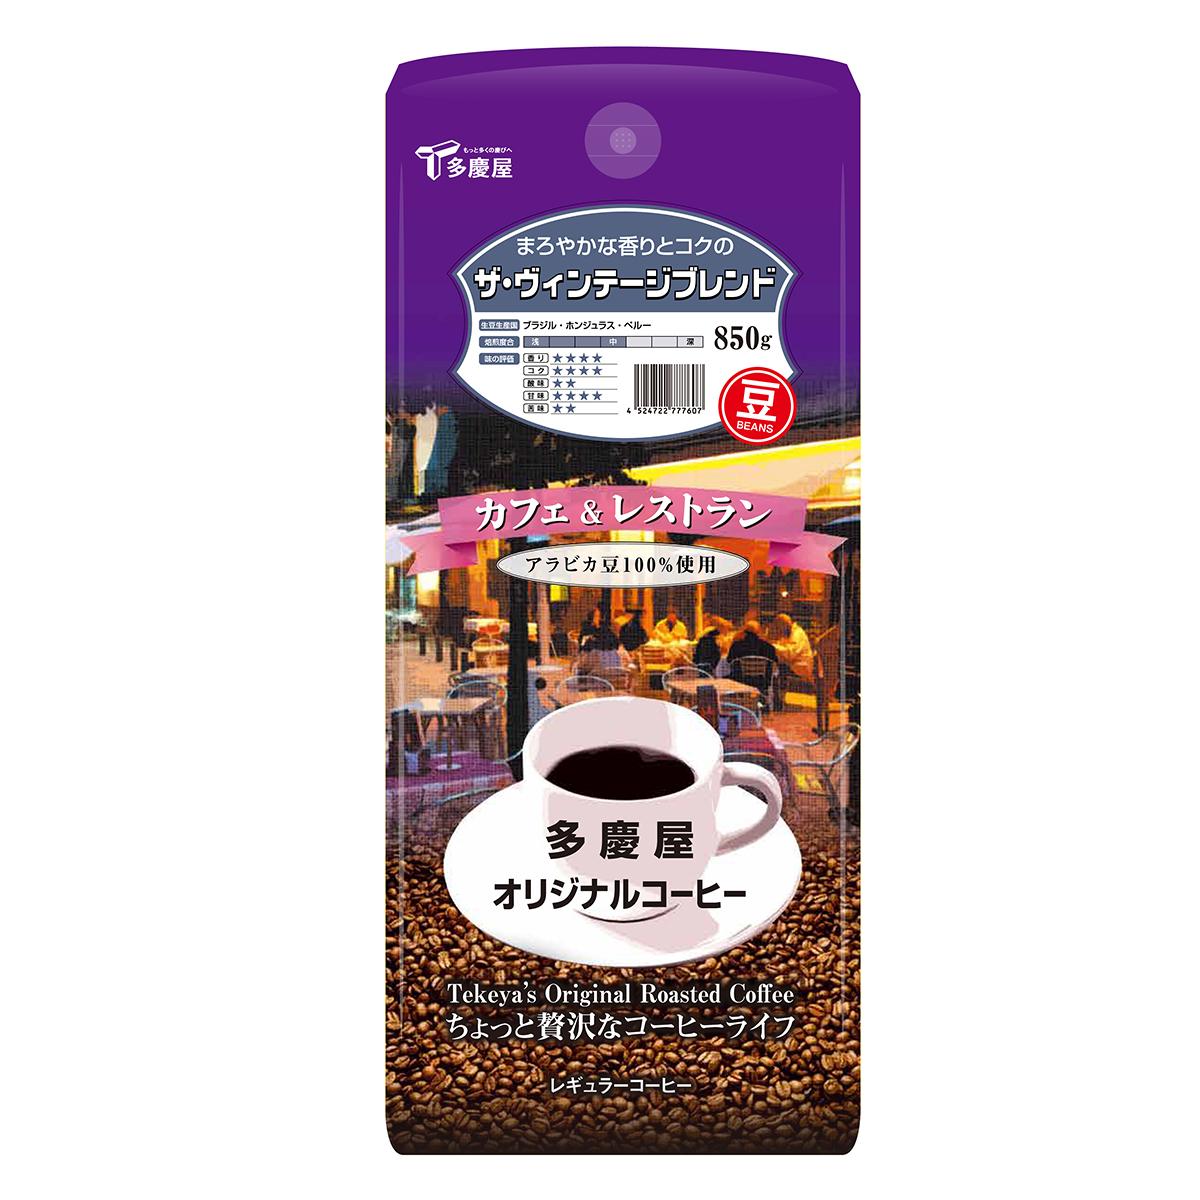 【TAKEYAスマイル便 対象品】カフェ&レストランザ・ヴィンテージブレンド豆850gレギュラーコーヒーオリジナルコーヒー豆